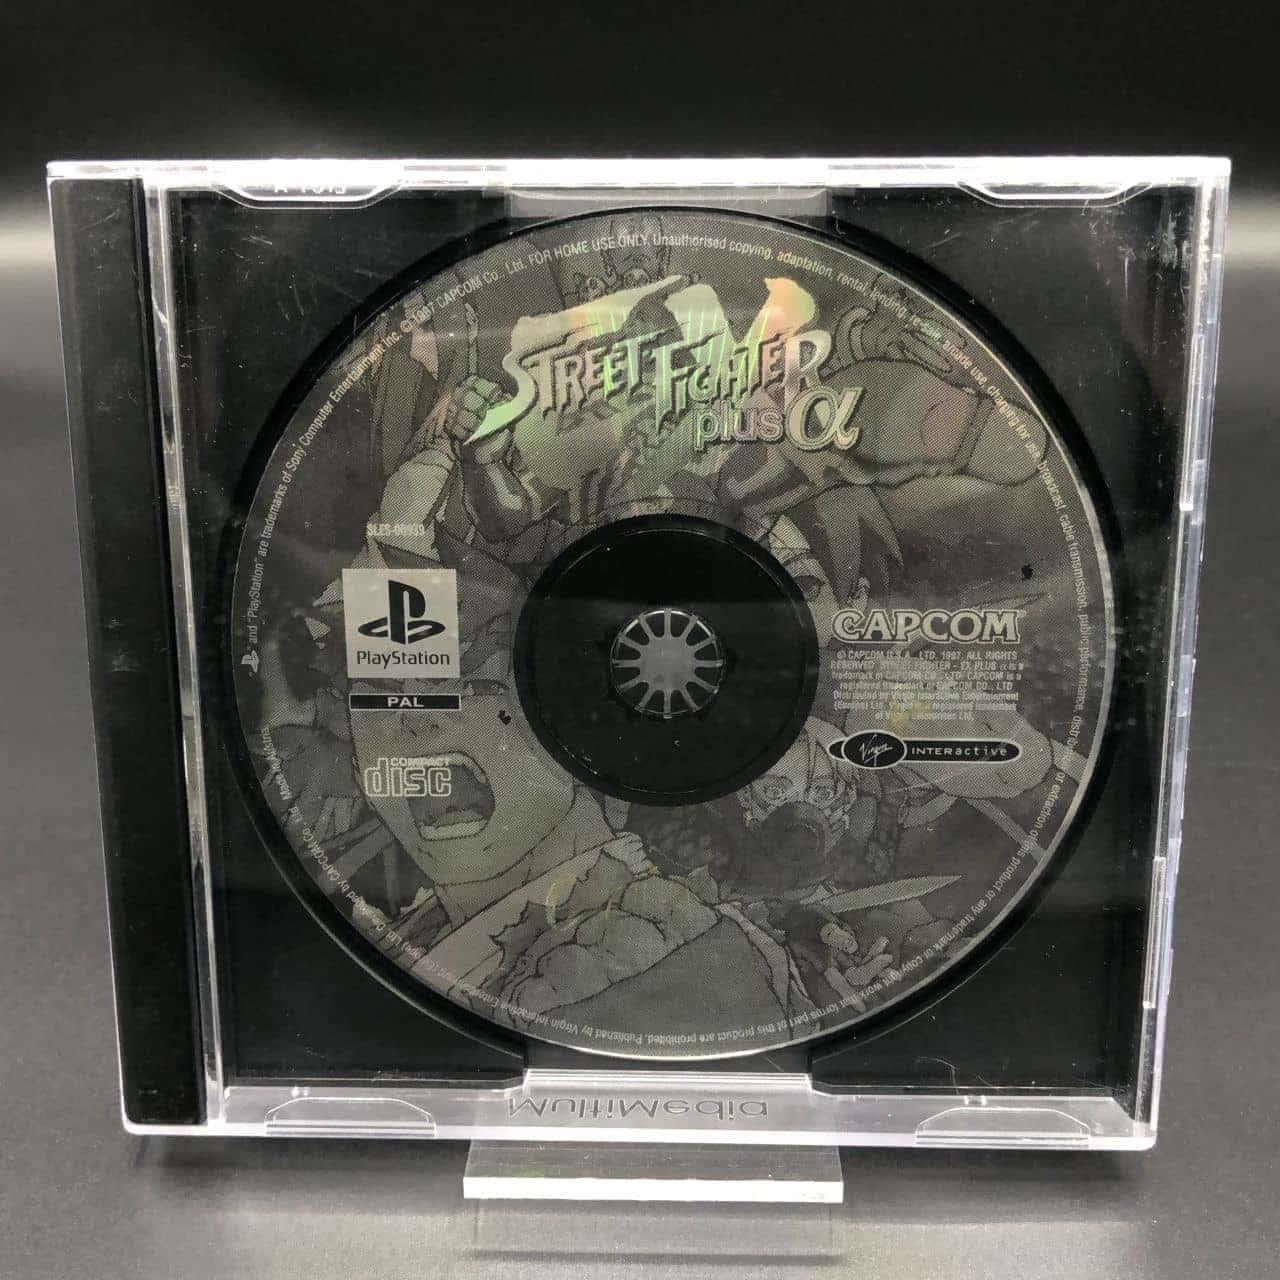 PS1 Street Fighter Plus Alpha (nur CD) (Gebrauchsspuren) Sony PlayStation 1